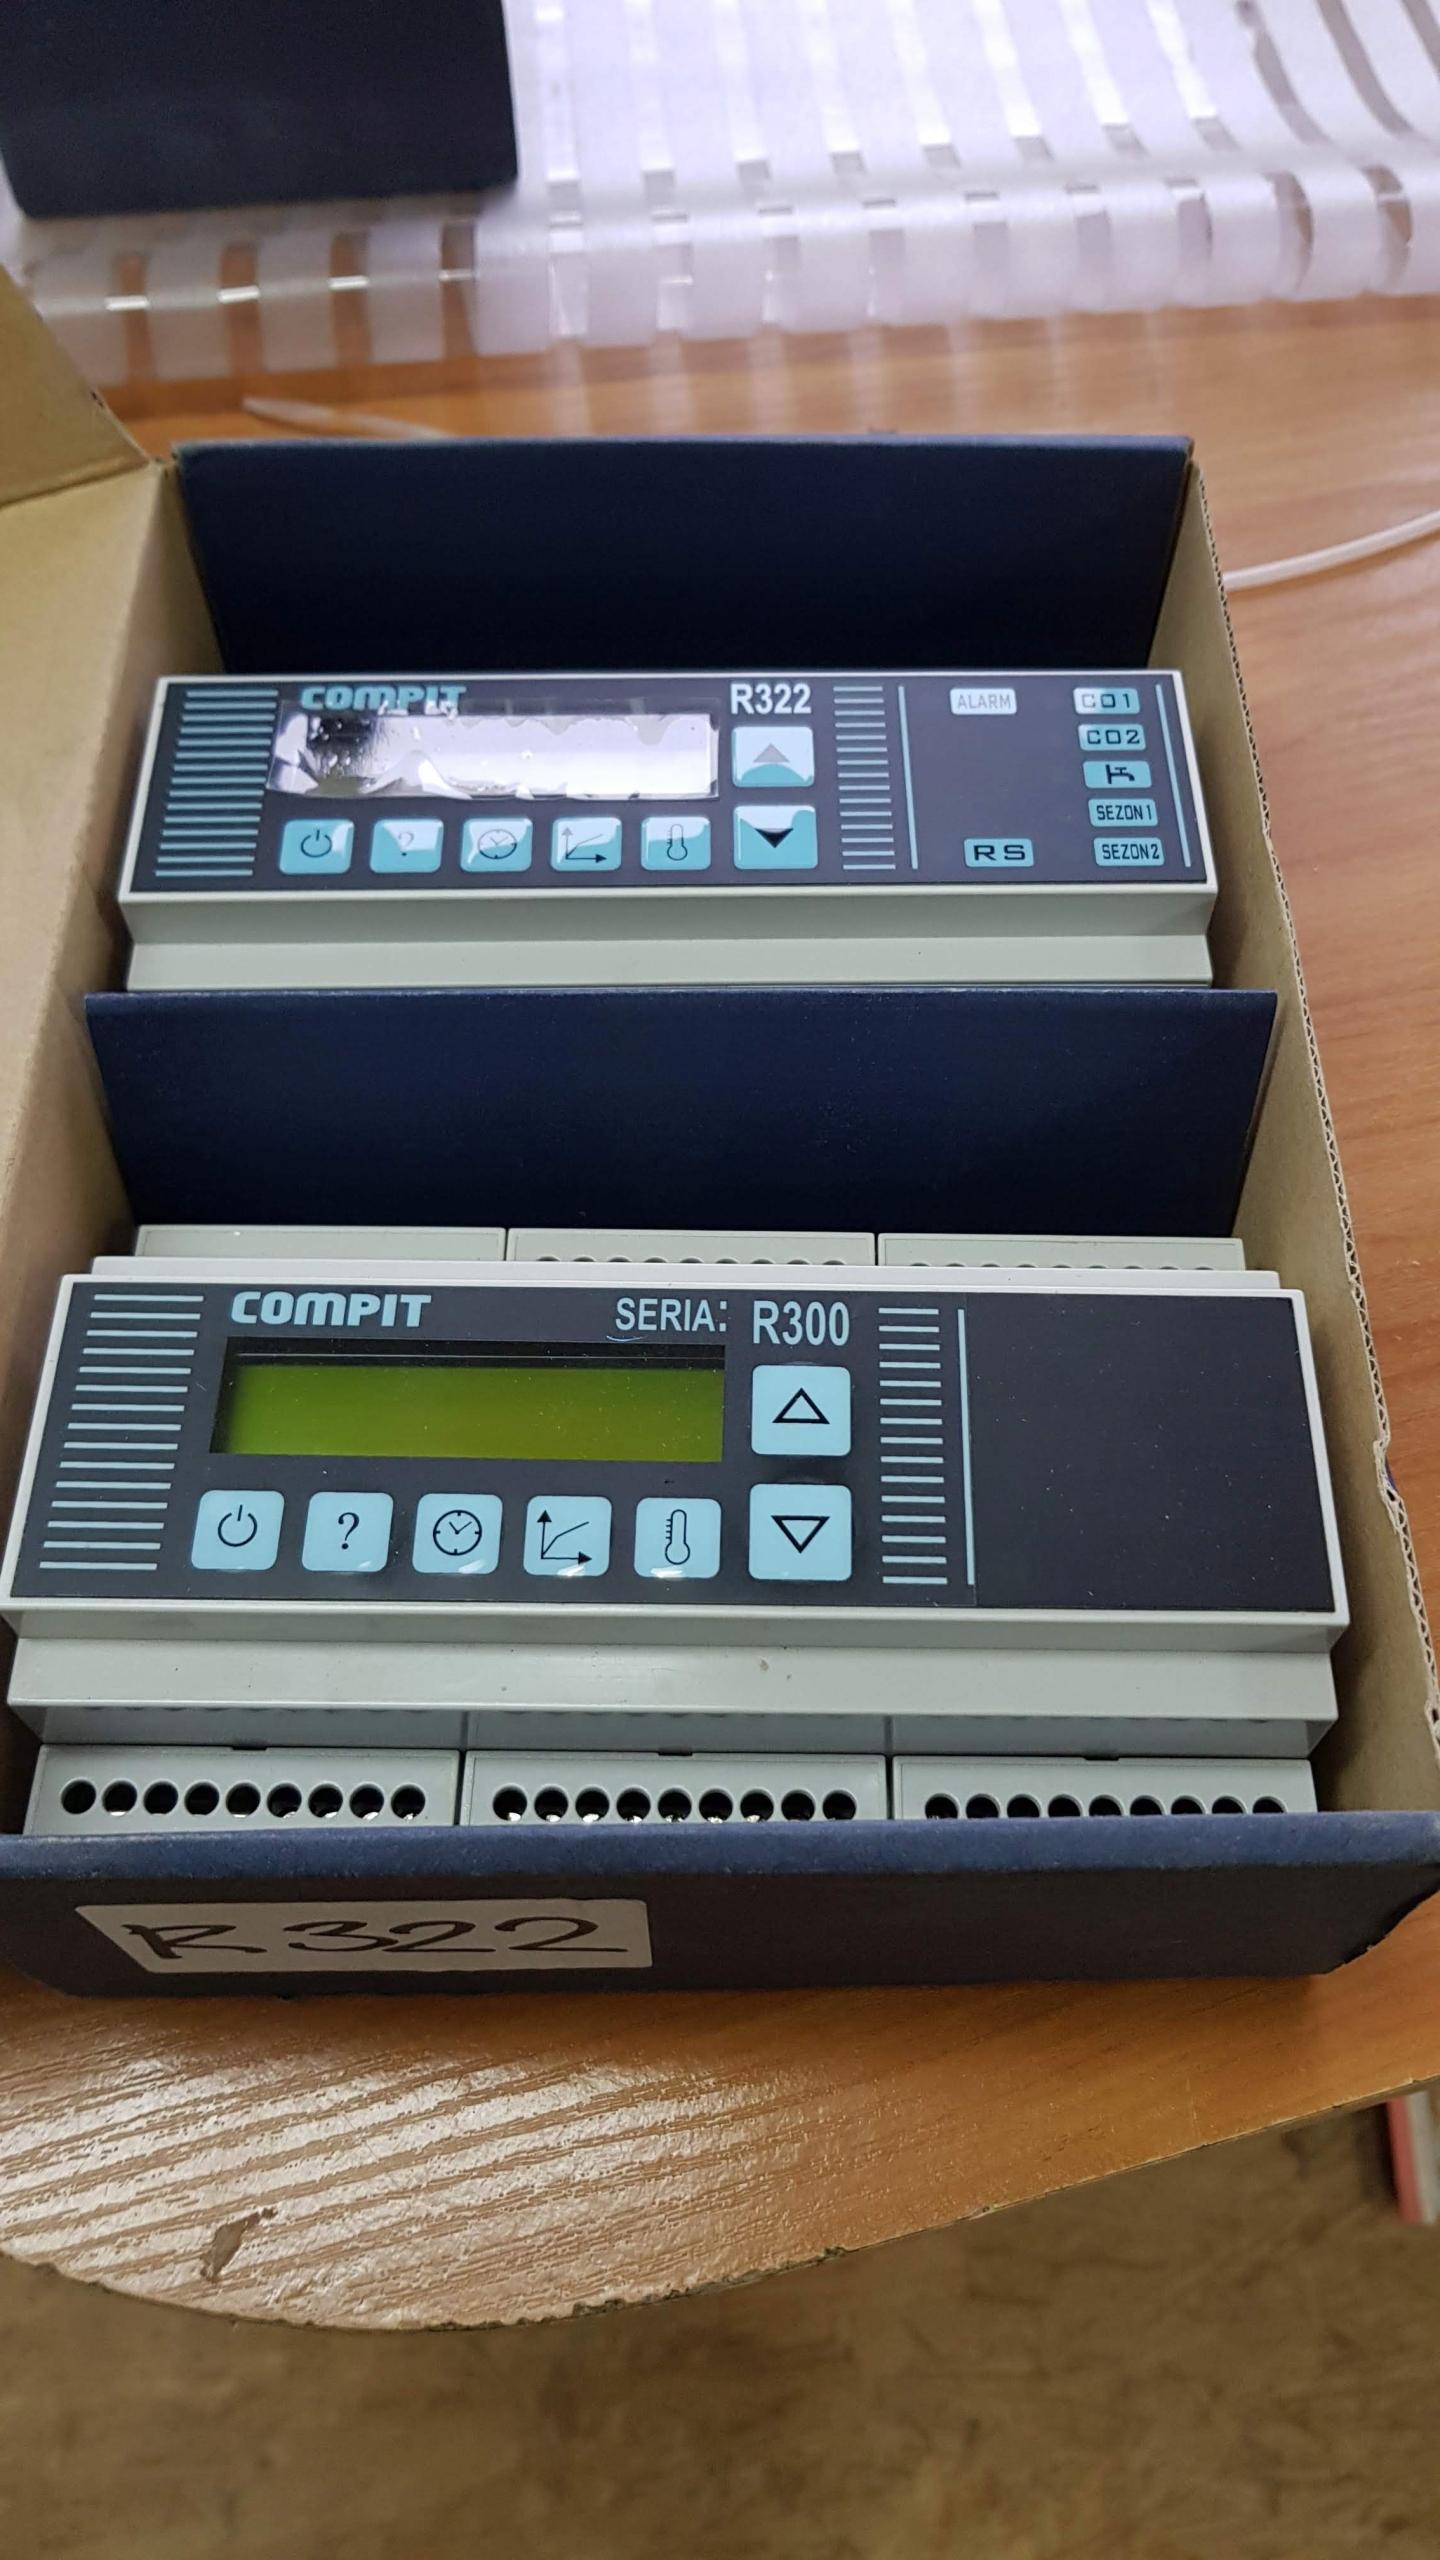 2szt regulatorów pogodowych Compit R 322